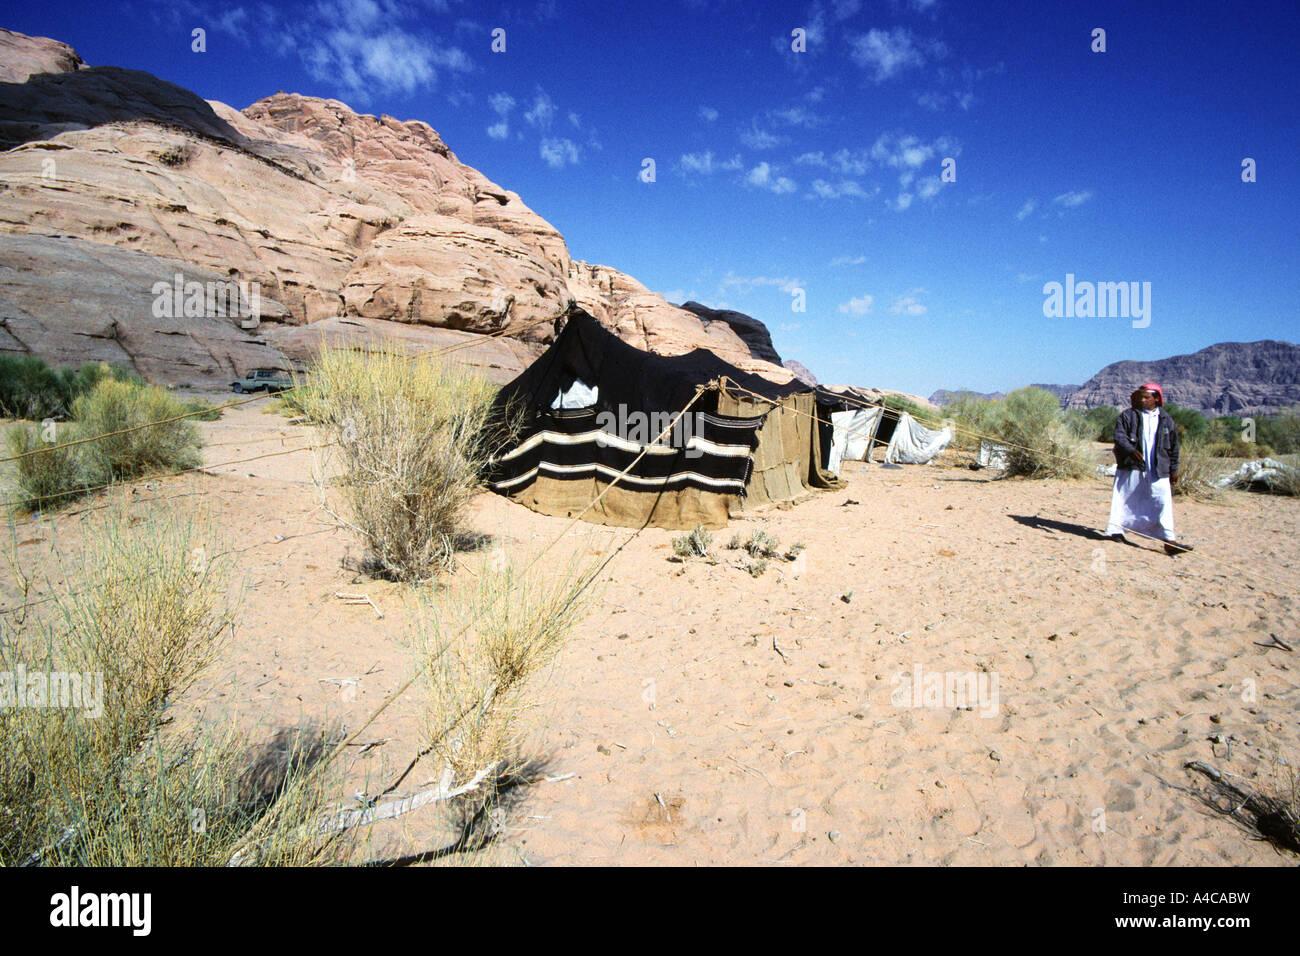 Camp bédouin, Wadi Rum, Jordanie Banque D'Images